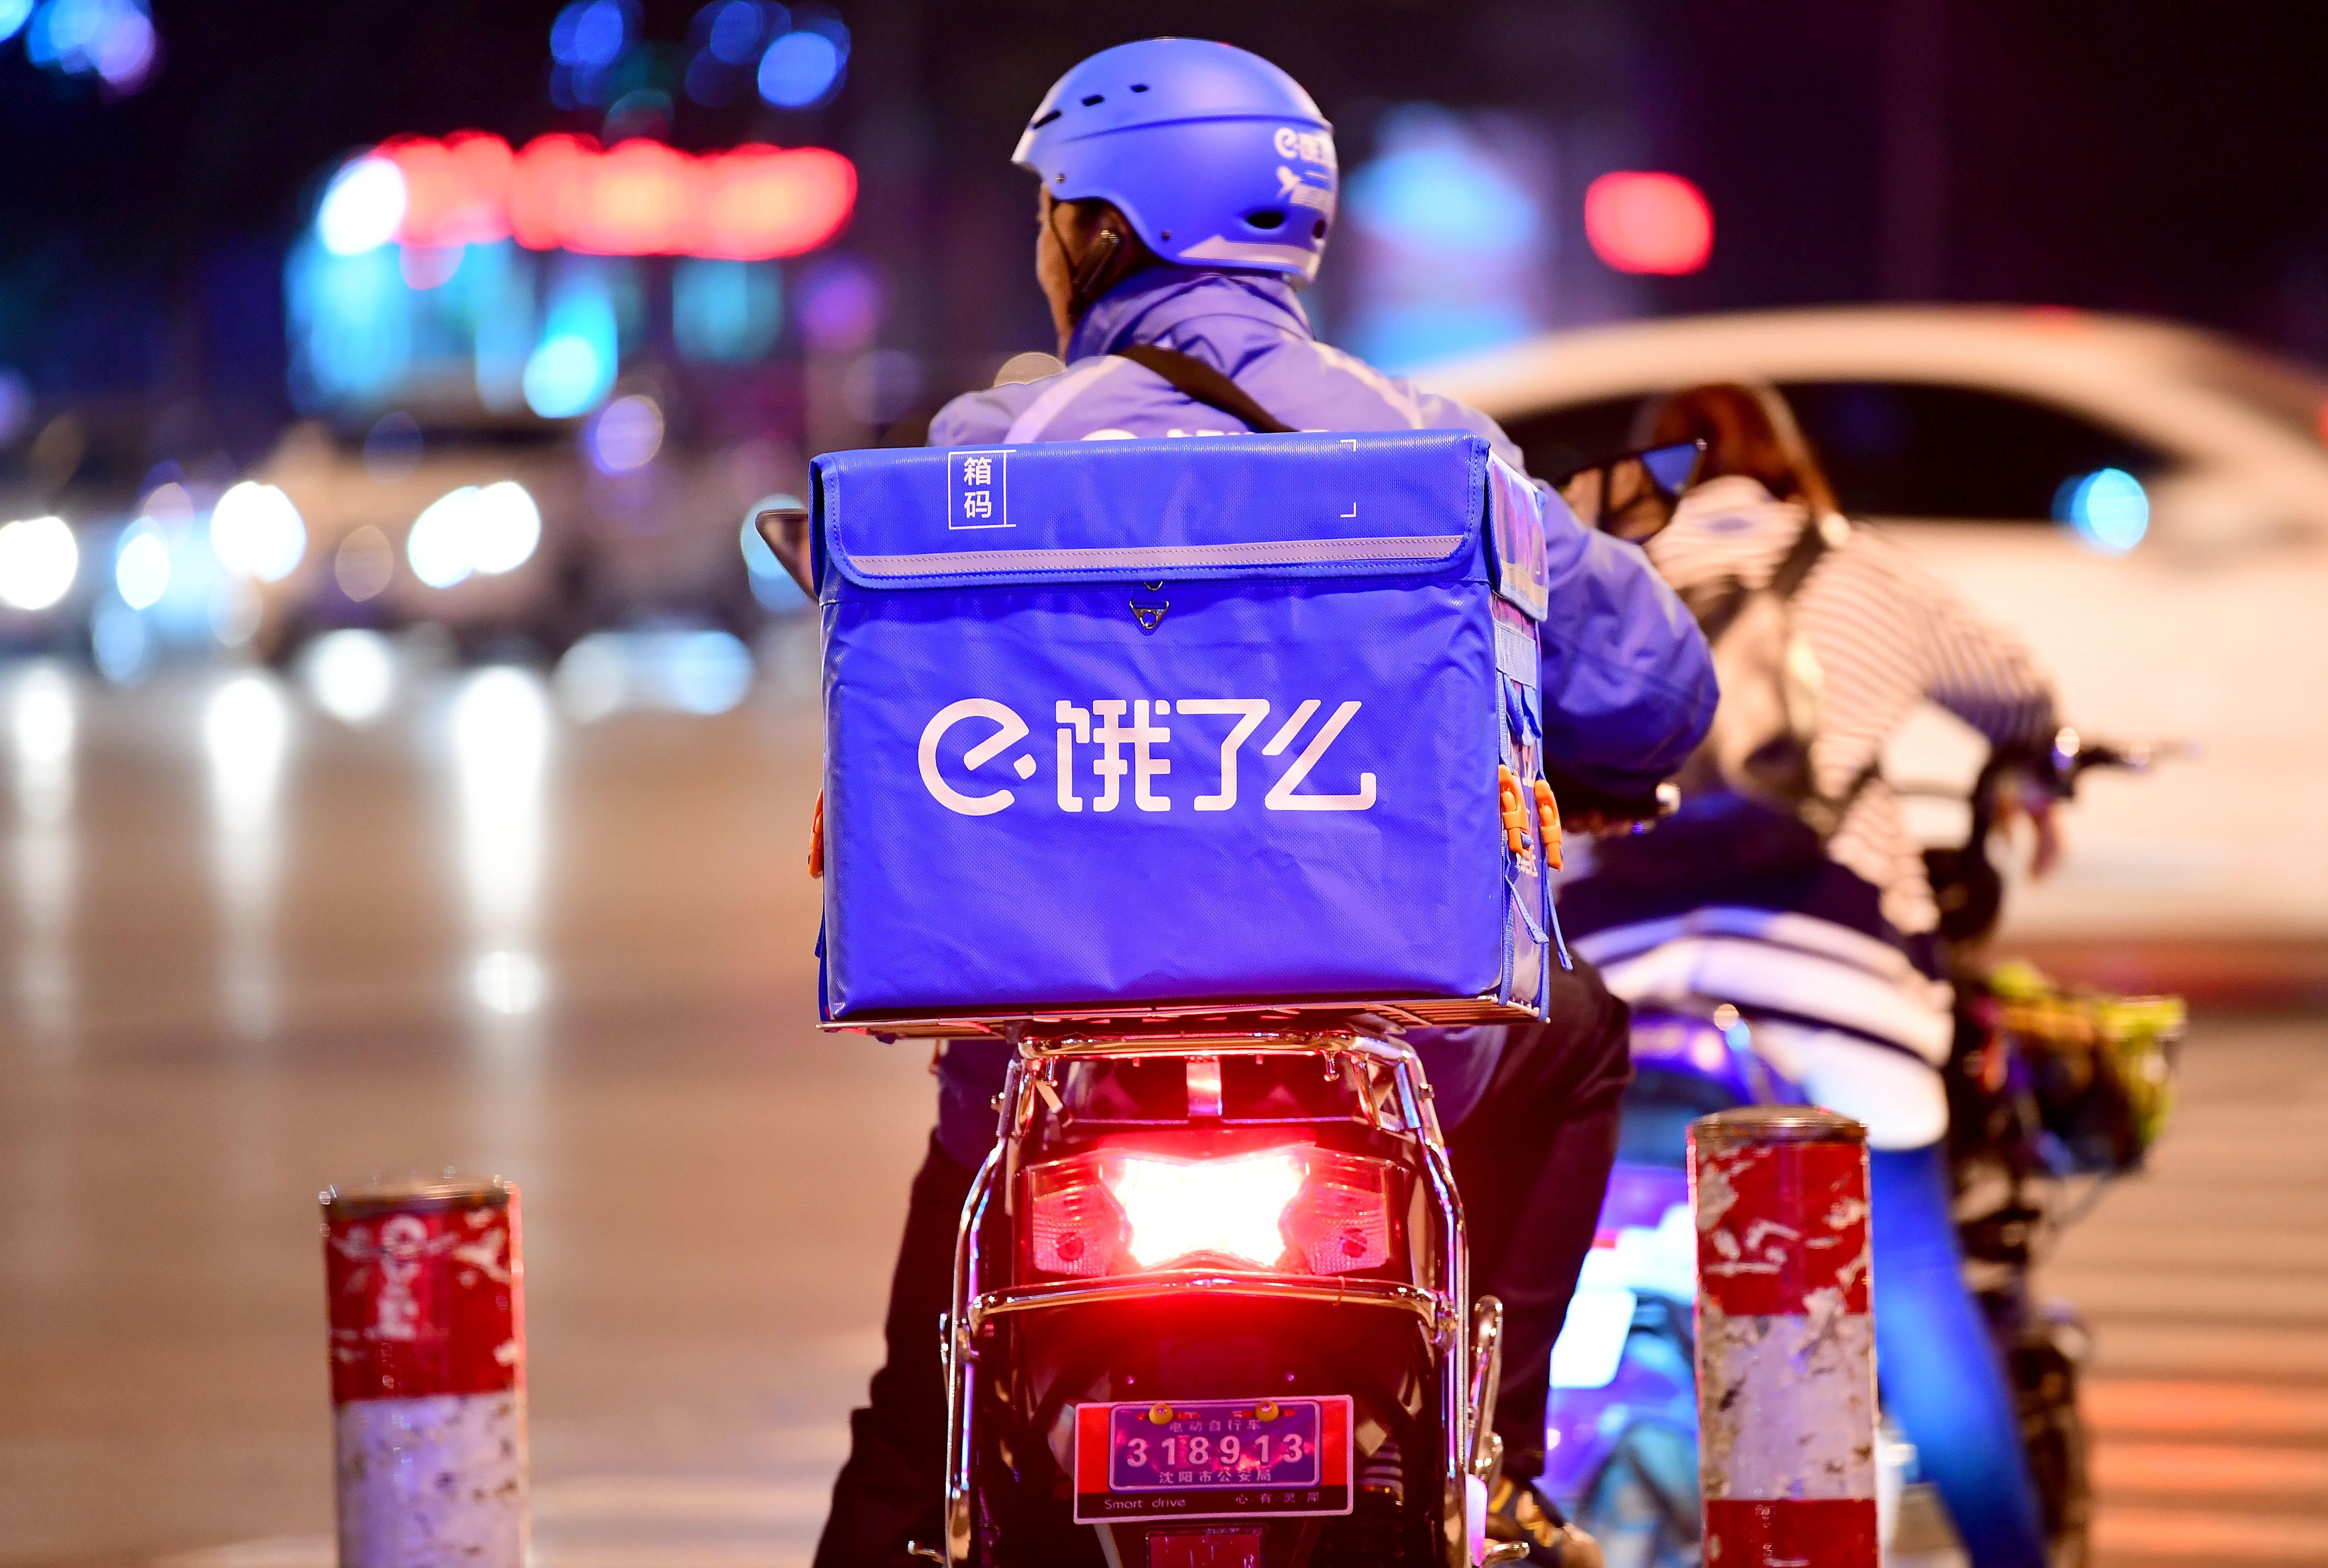 饿了么口碑国庆大数据:外卖成旅游必备新趋势